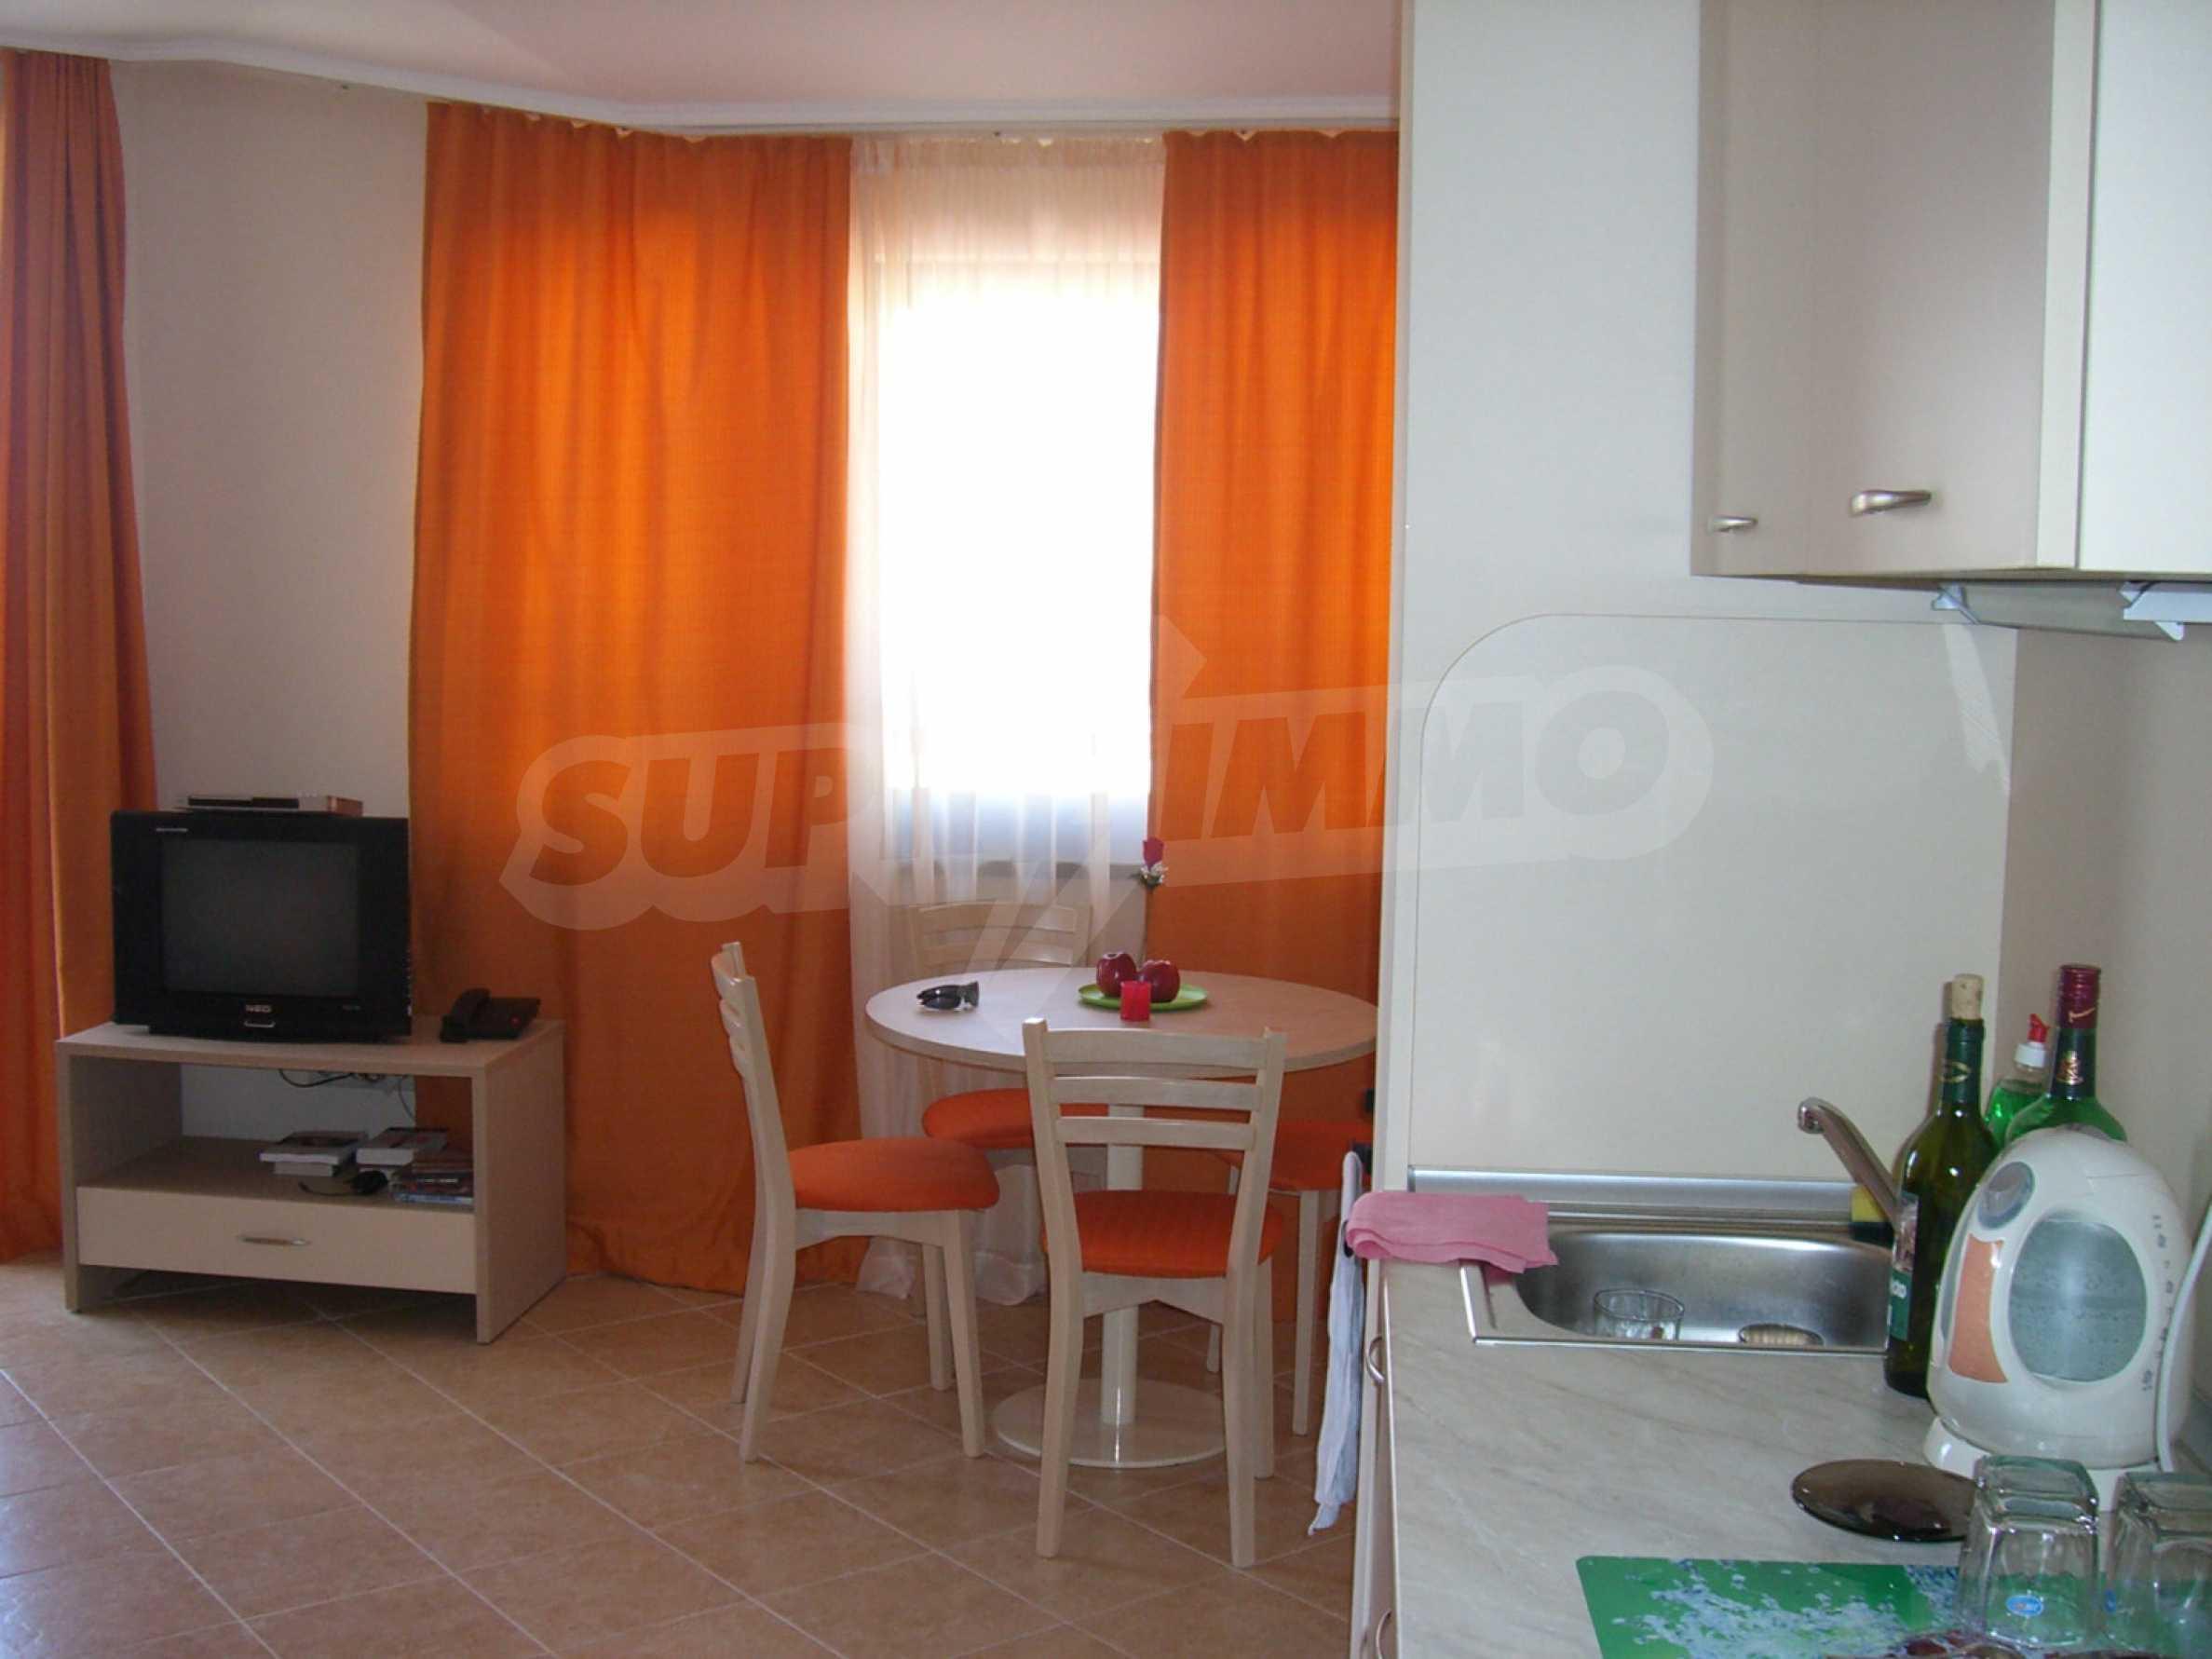 Apartment mit 2 Schlafzimmern im Royal Sun-Komplex in Sonnenstrand 6